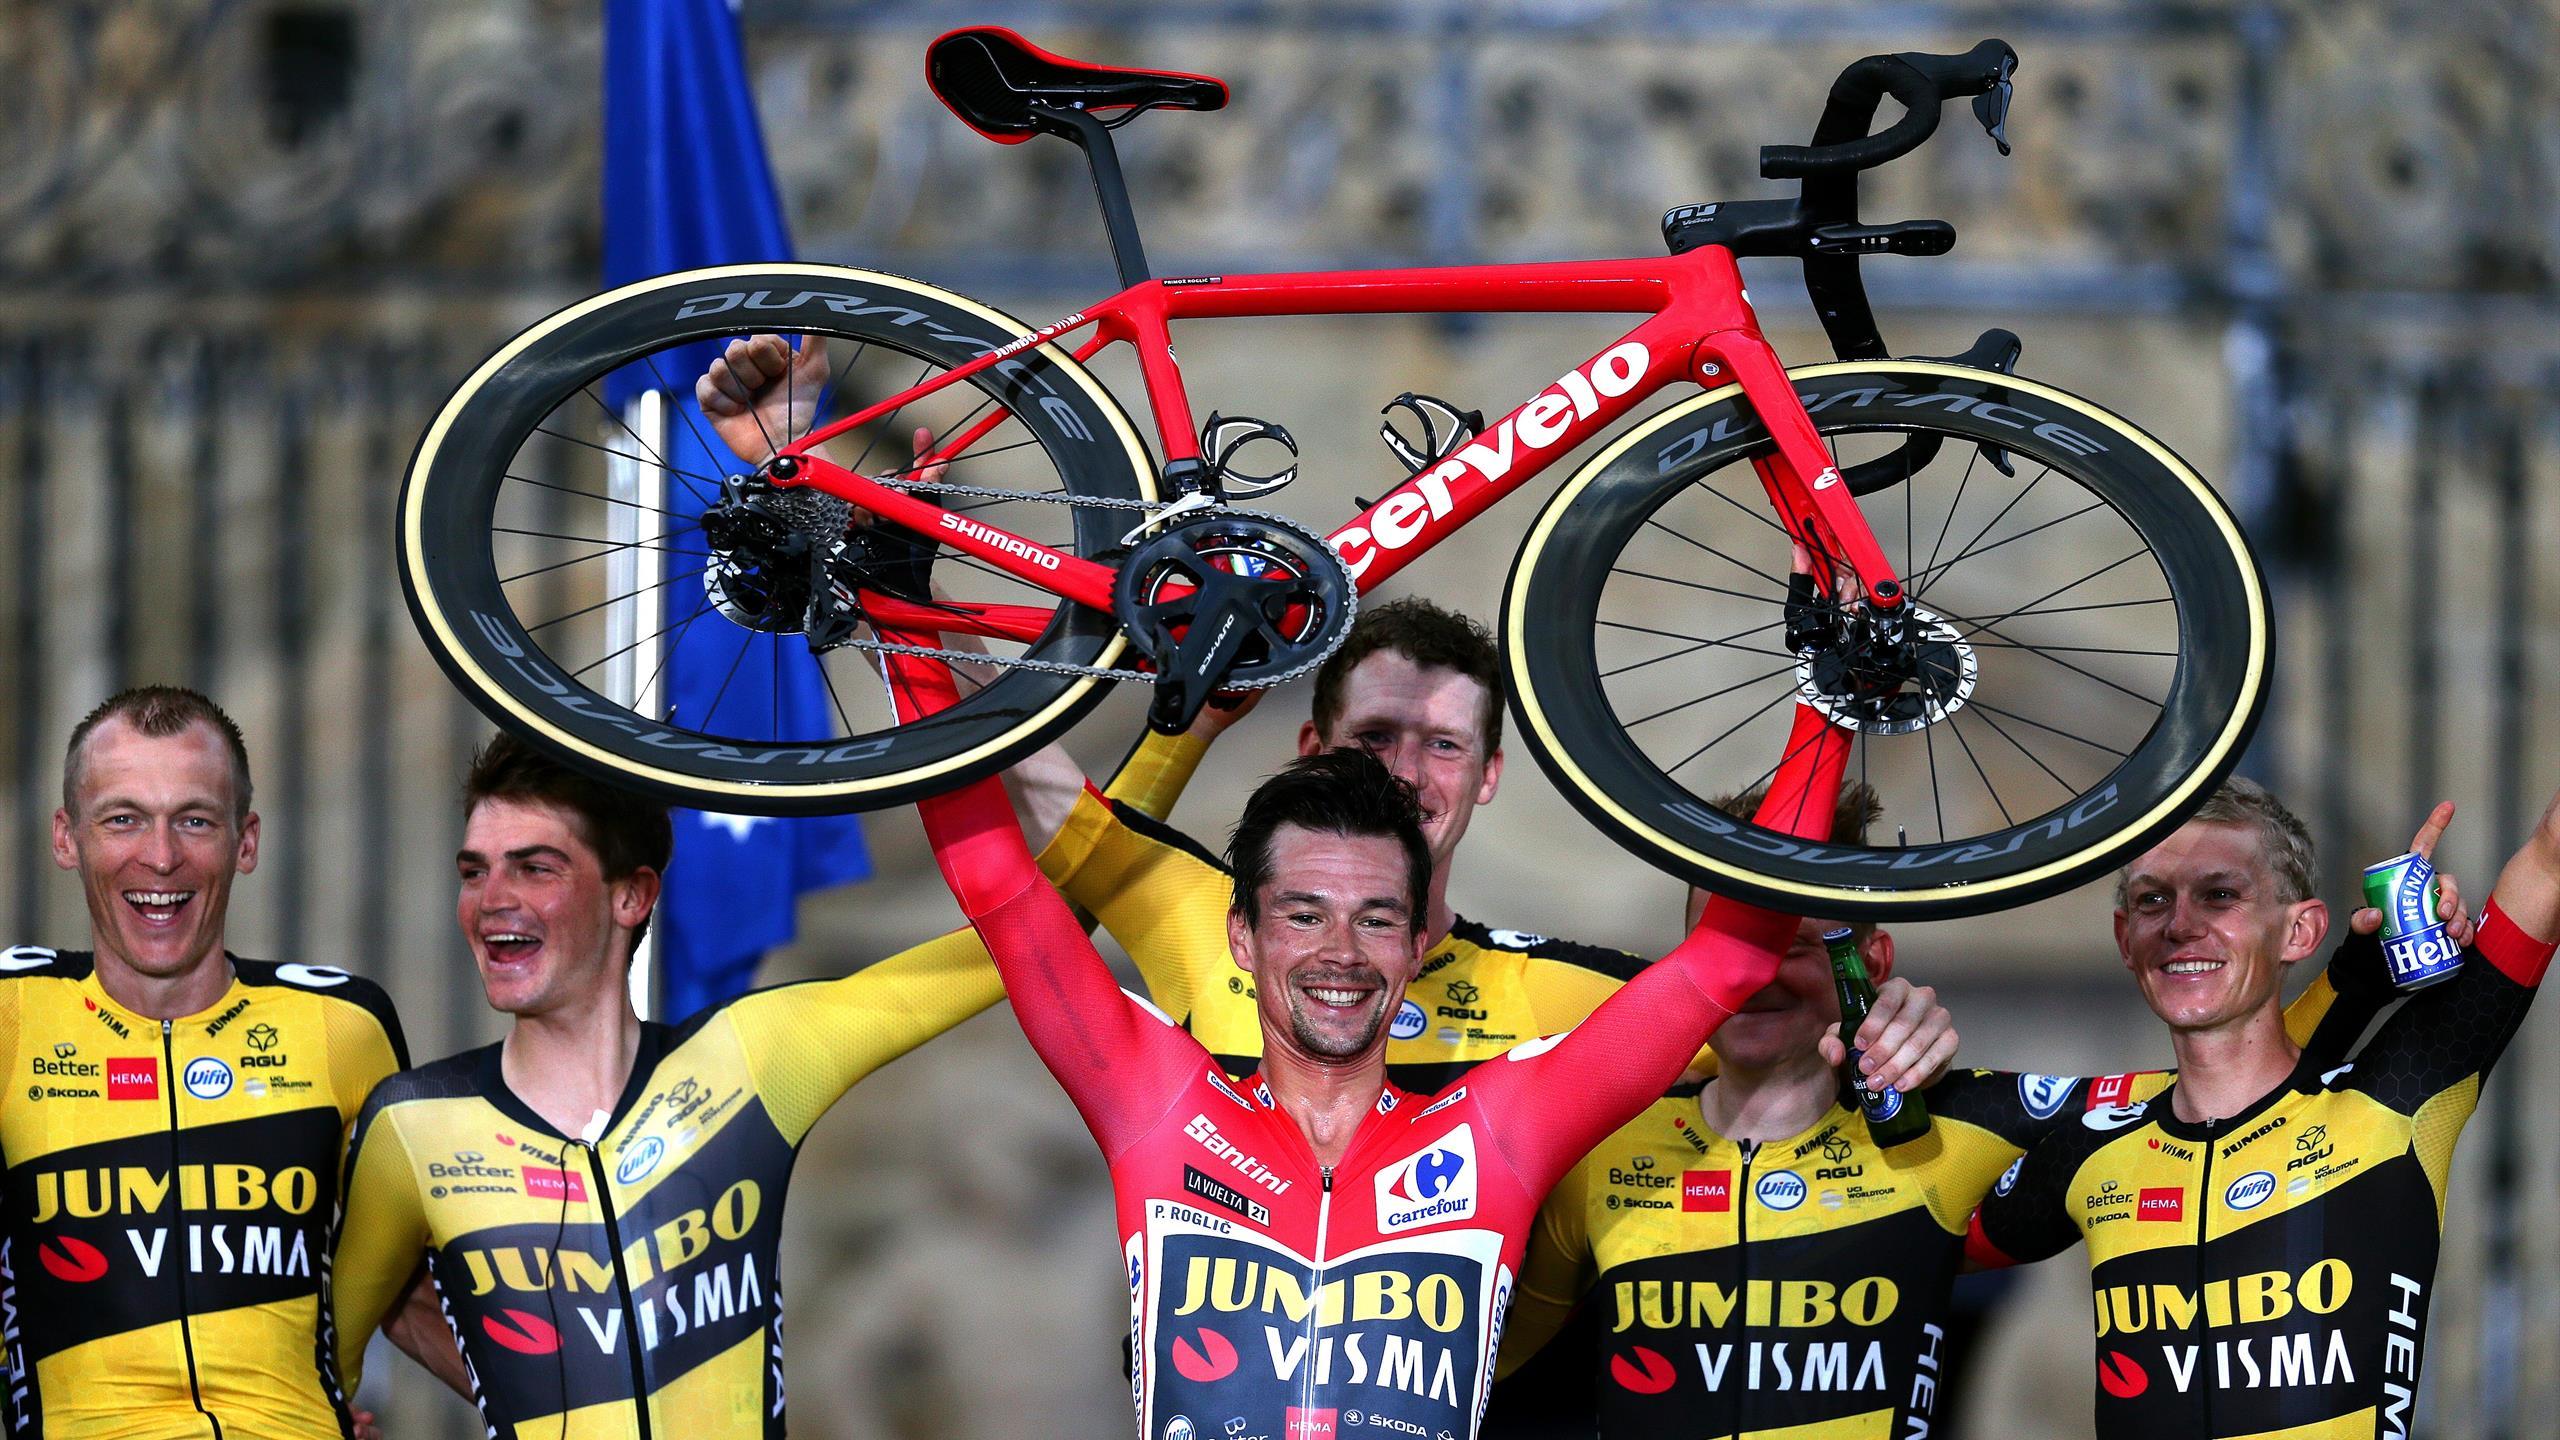 Cinq podiums en trois ans, 8/9, 50 : Roglic et les grands tours, une histoire d'amour thumbnail